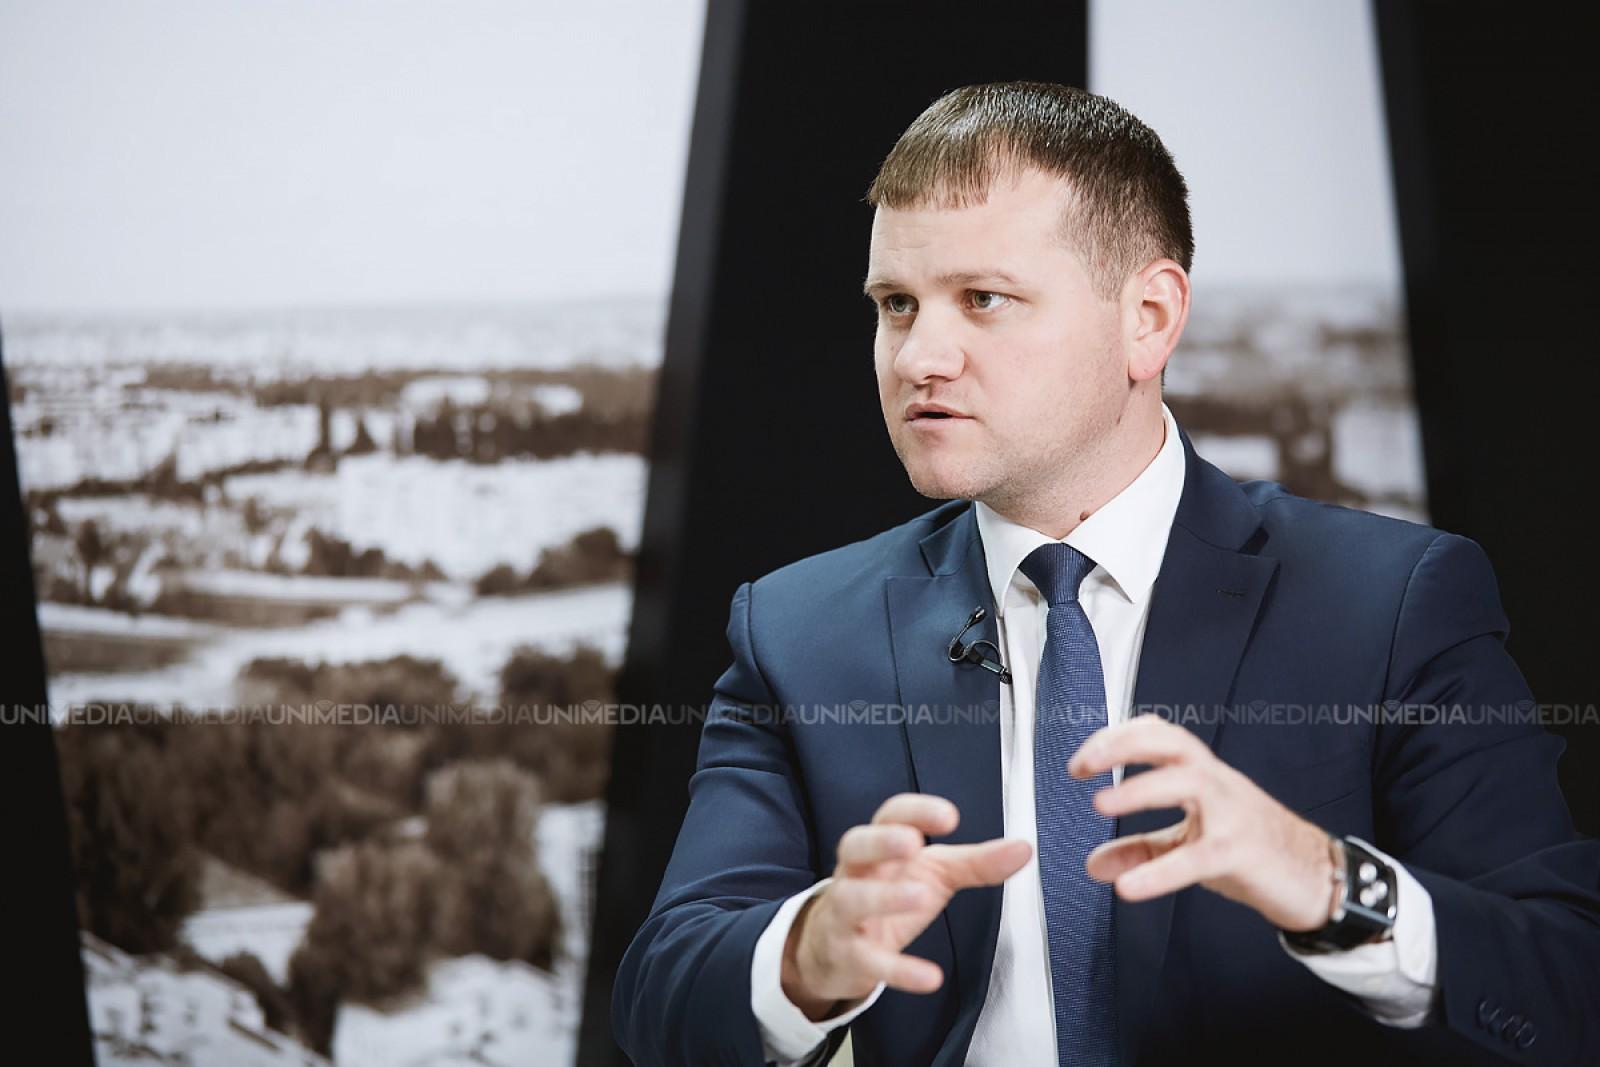 """Valeriu Munteanu, despre reacția lui Candu și Filip la rezoluția PE: """"Consecința acestor declarații va fi izolarea și mai mare a Republicii Moldova"""""""